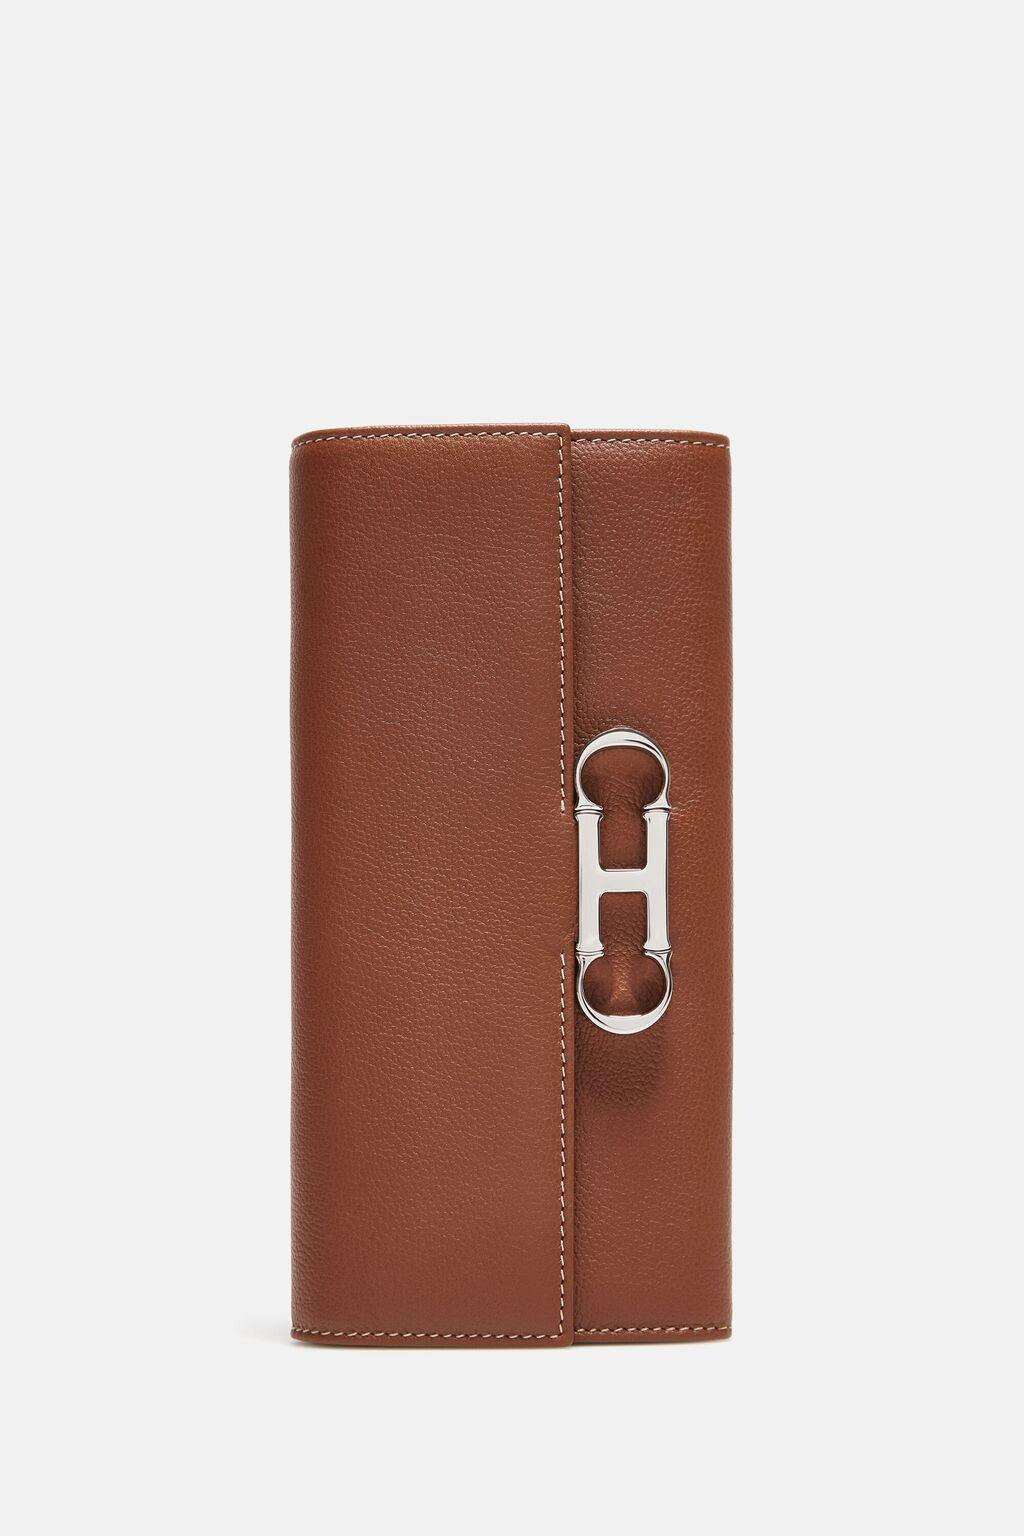 Initials Insignia | American flap wallet